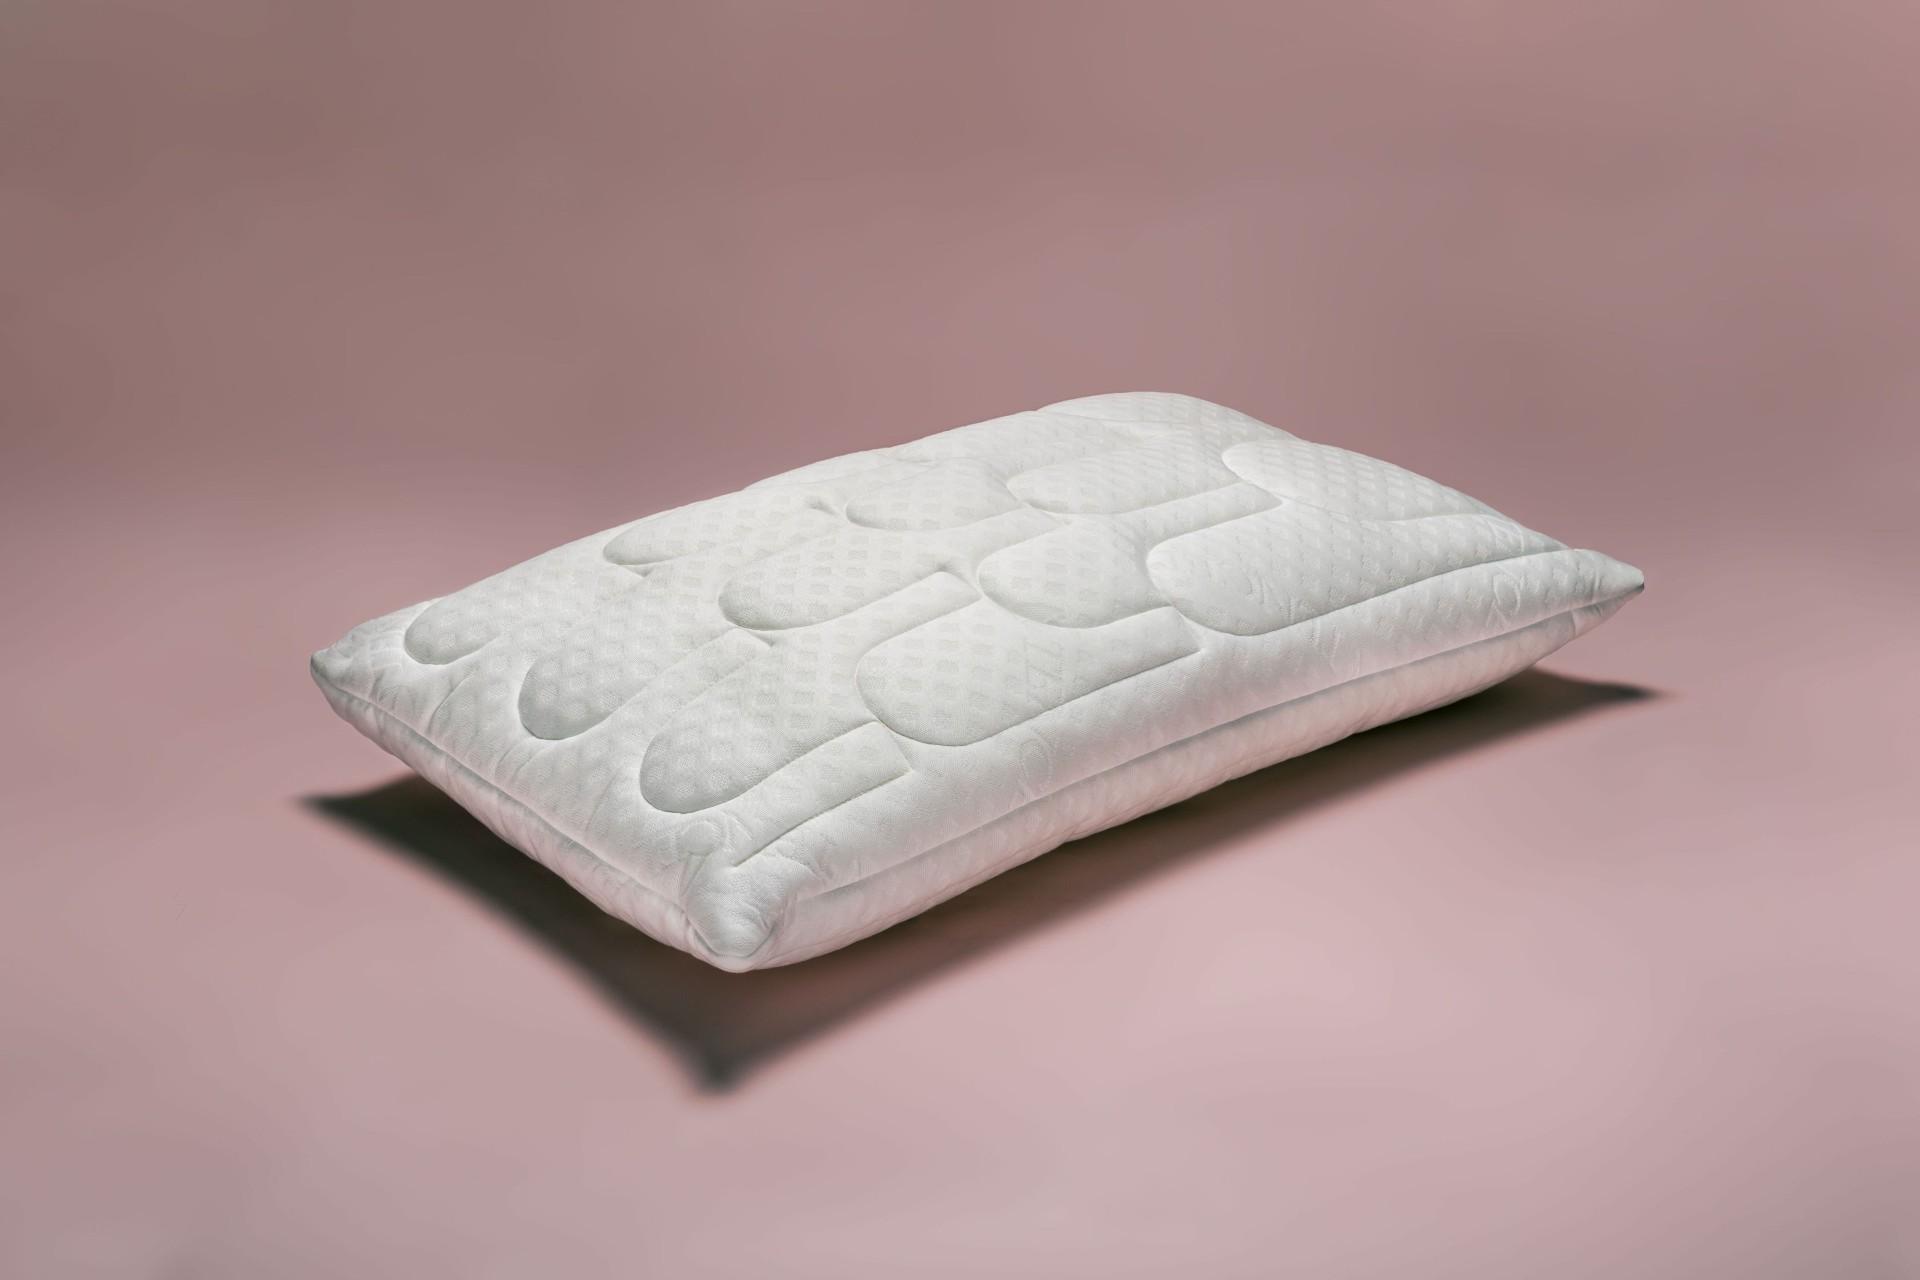 Cuscino in lattice naturale alto